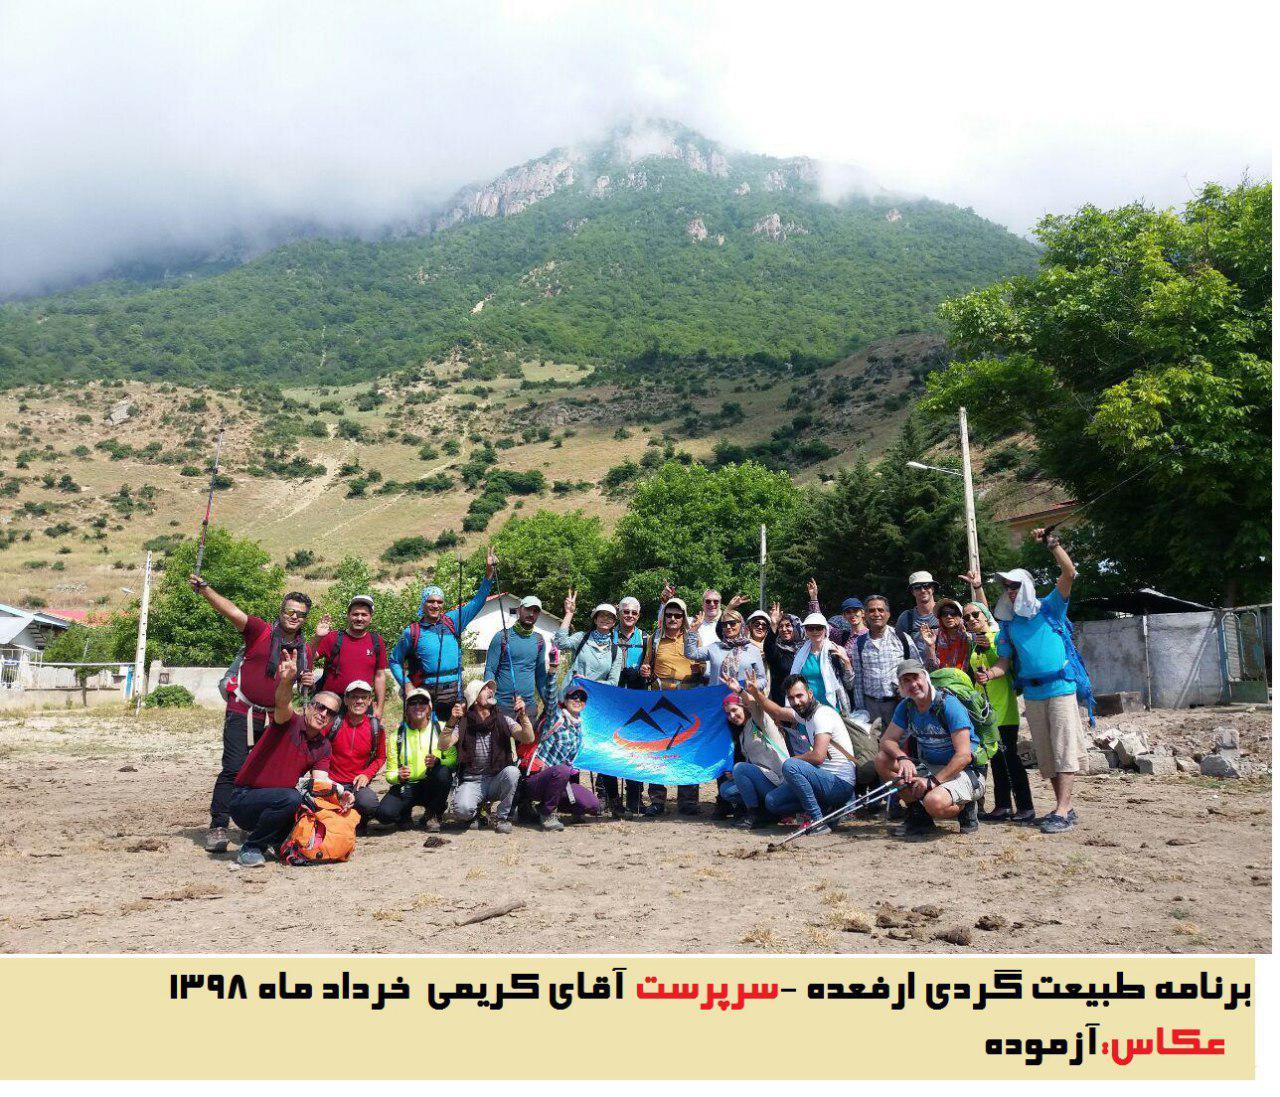 صعود کوهنوردان  کانون کوه به قله ارفع کوه